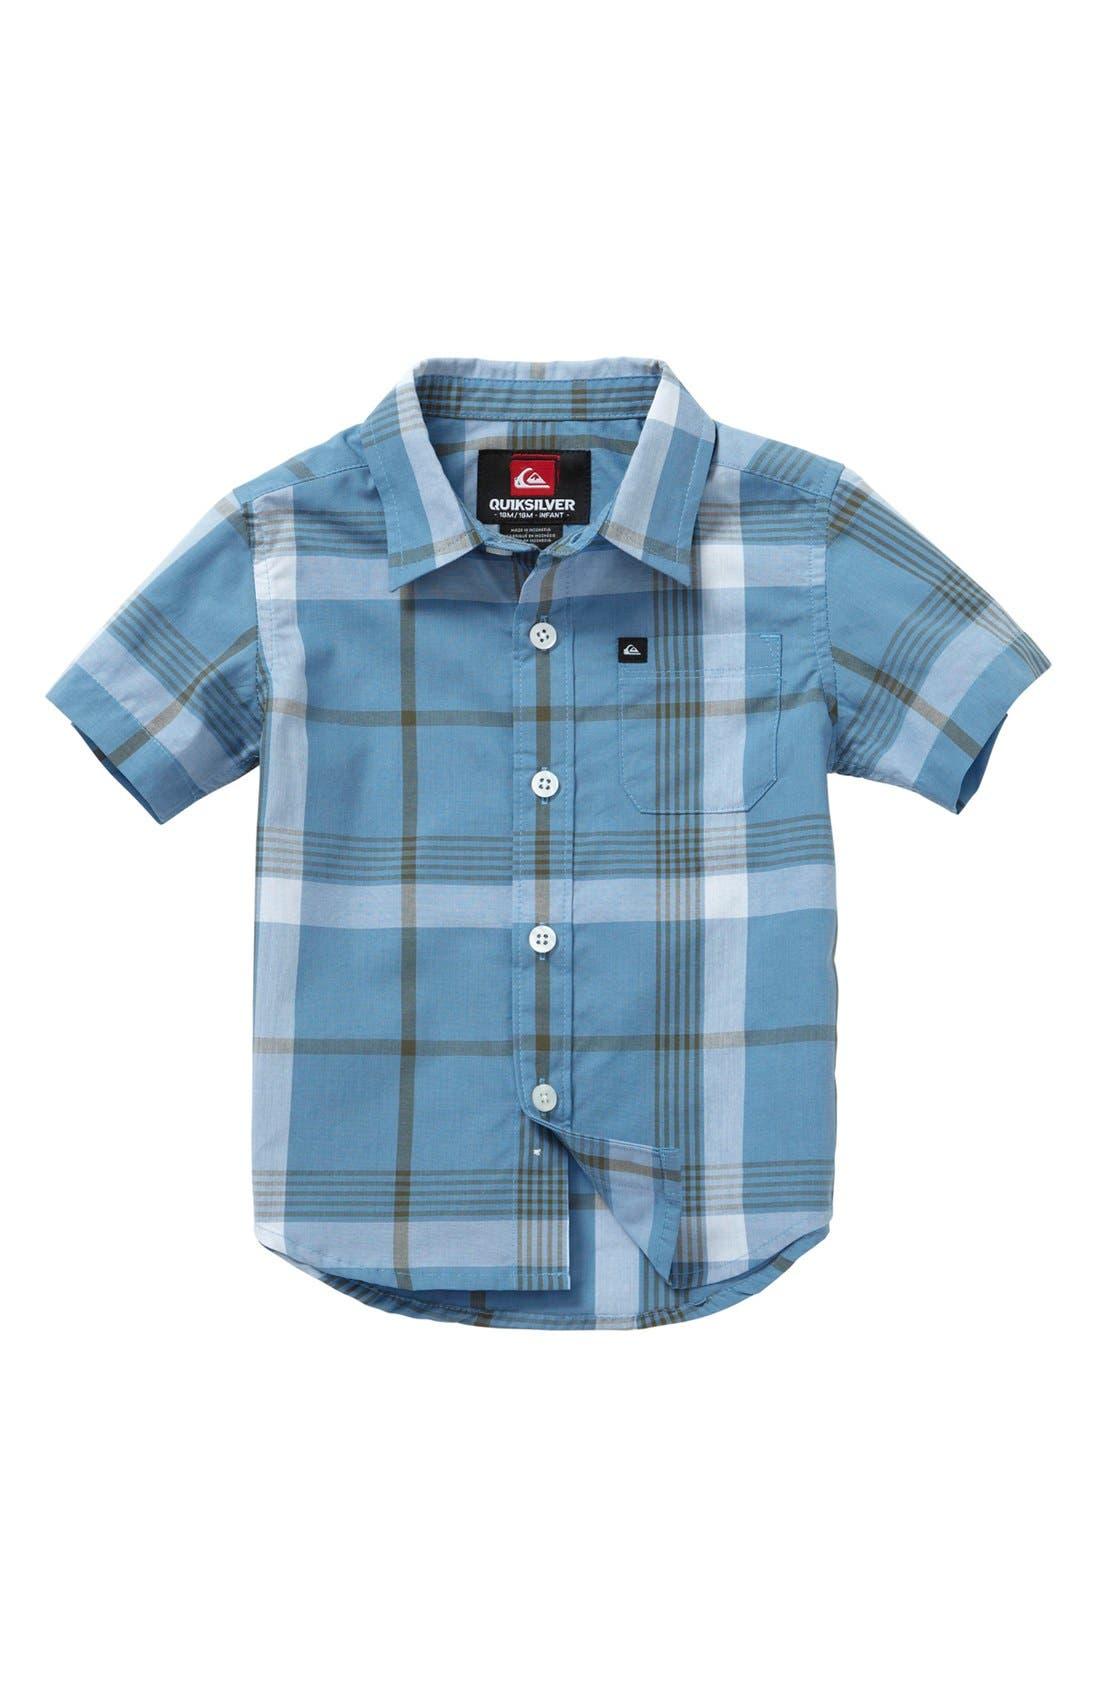 Main Image - Quiksilver 'Jumbo Gumbo' Plaid Shirt (Baby Boys)